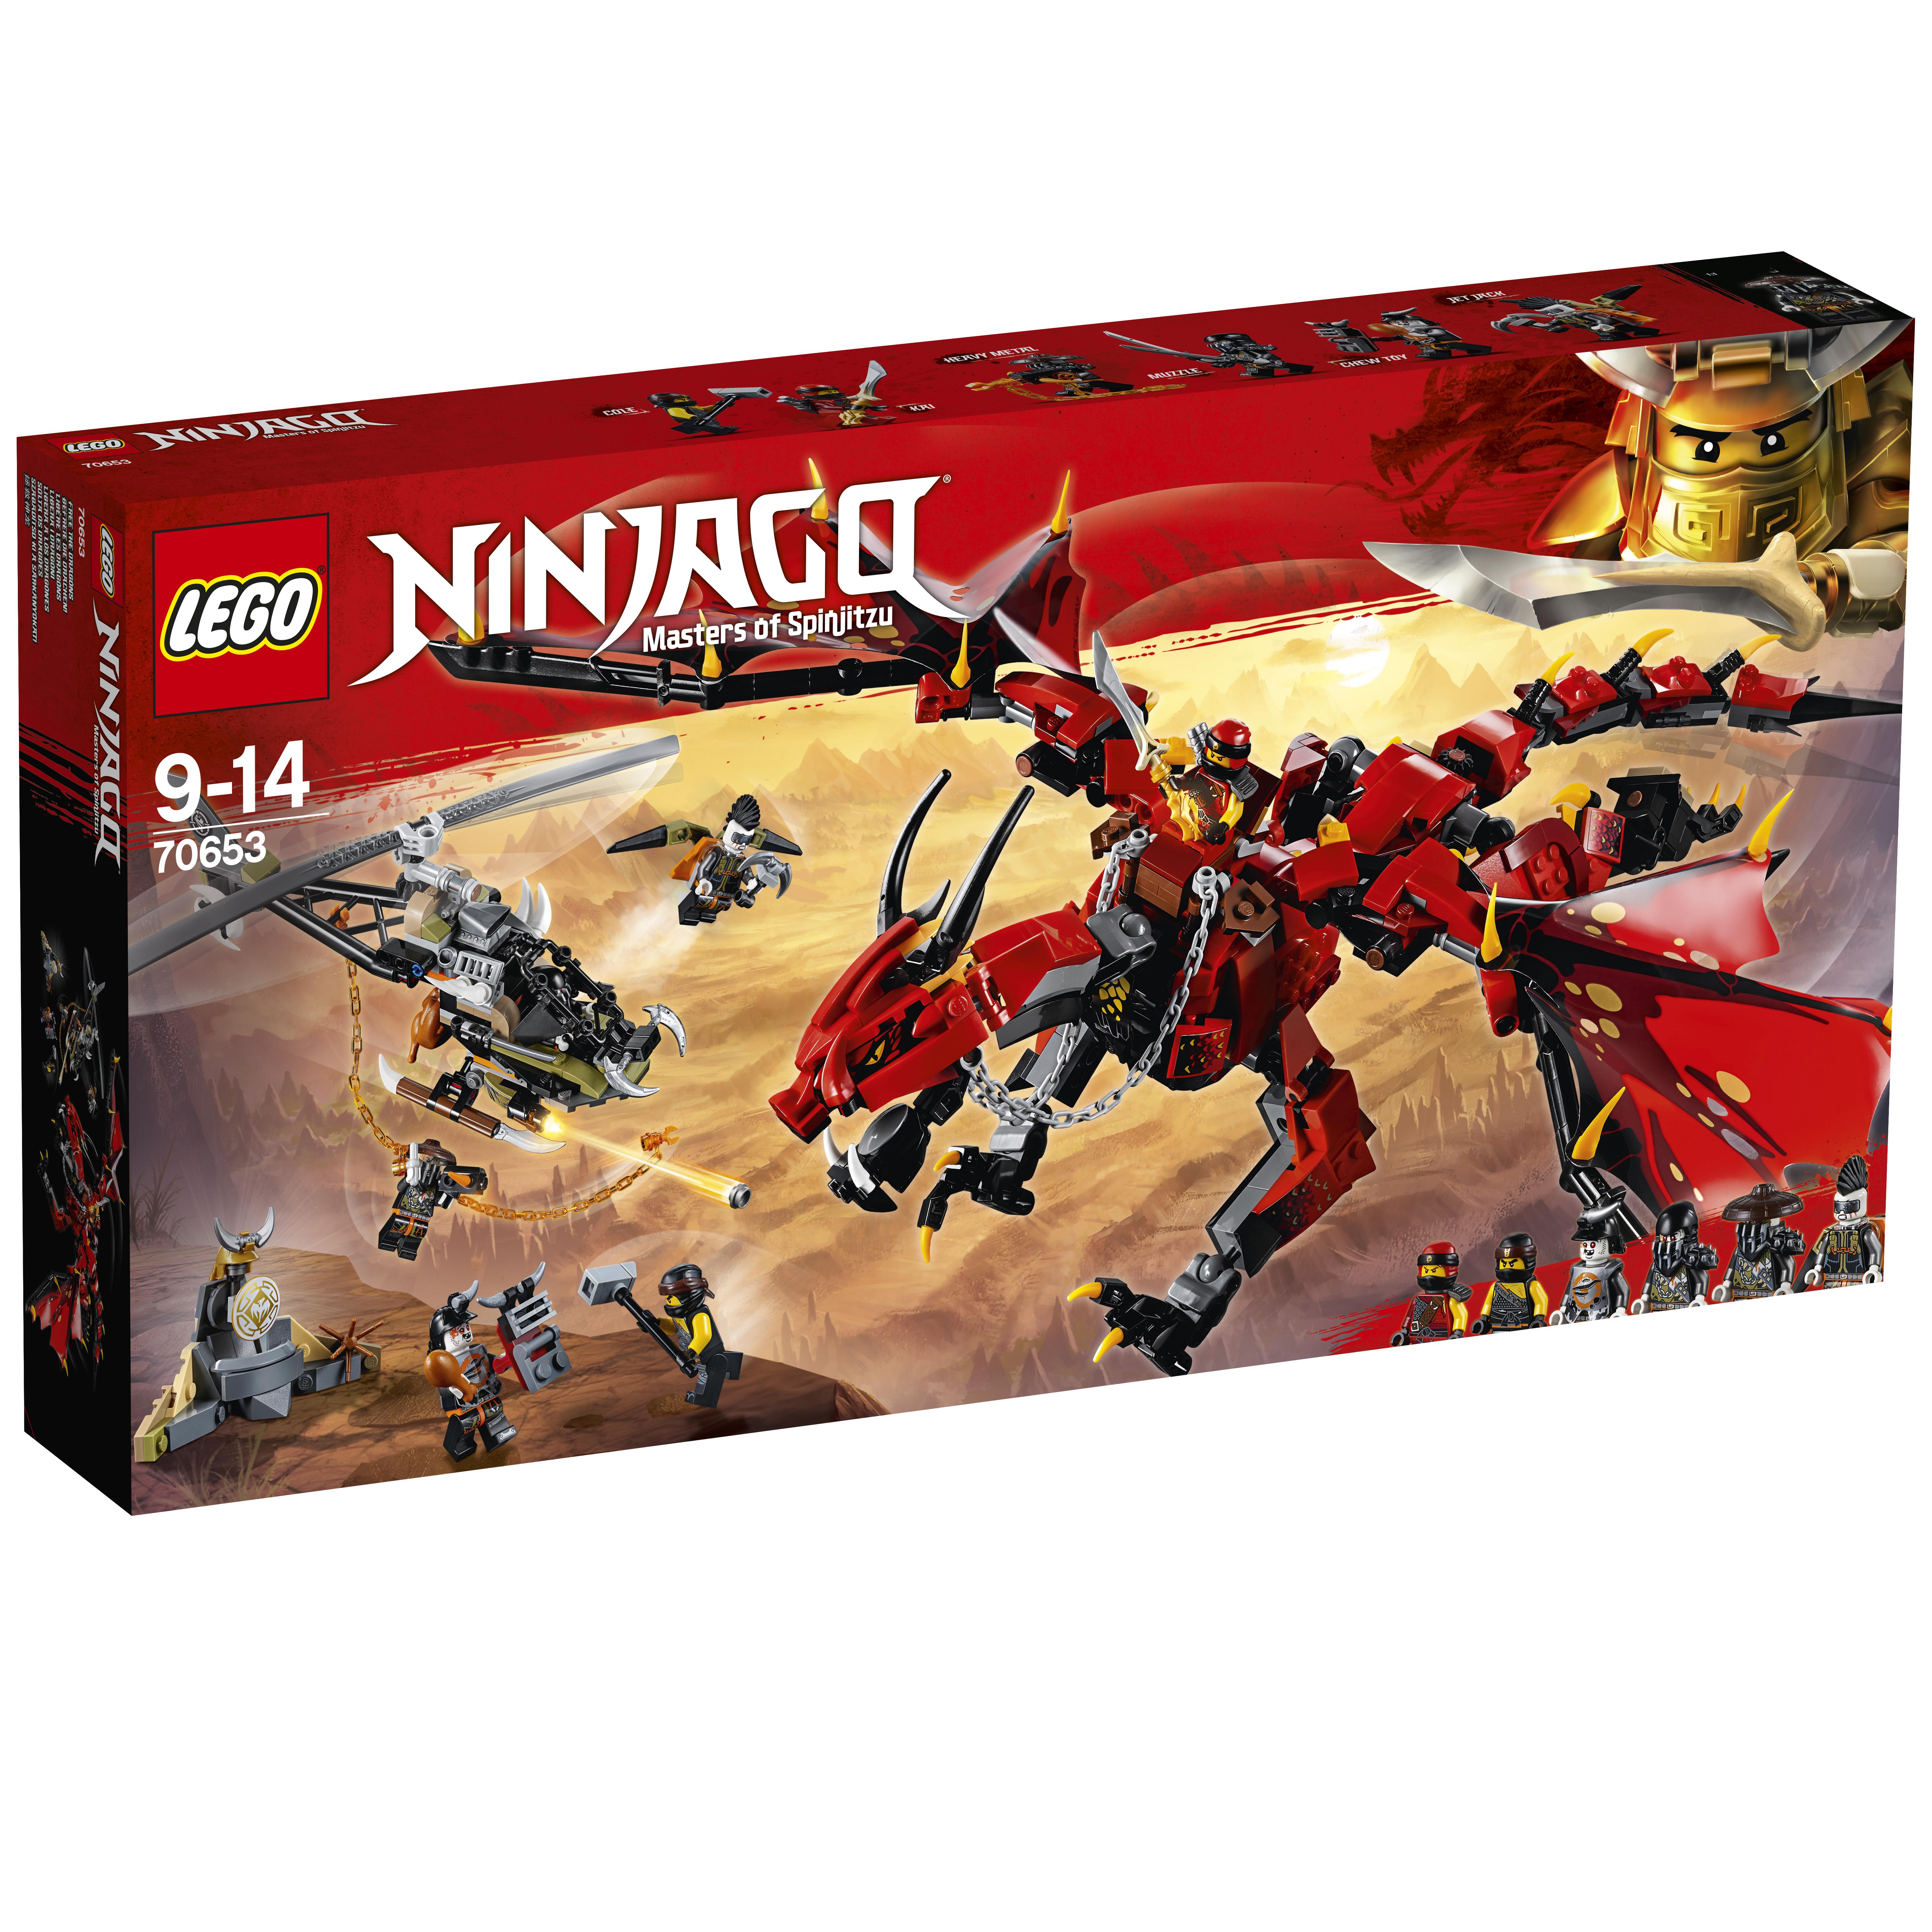 LEGO LEGO Первый страж lego ninjago первый страж 70653